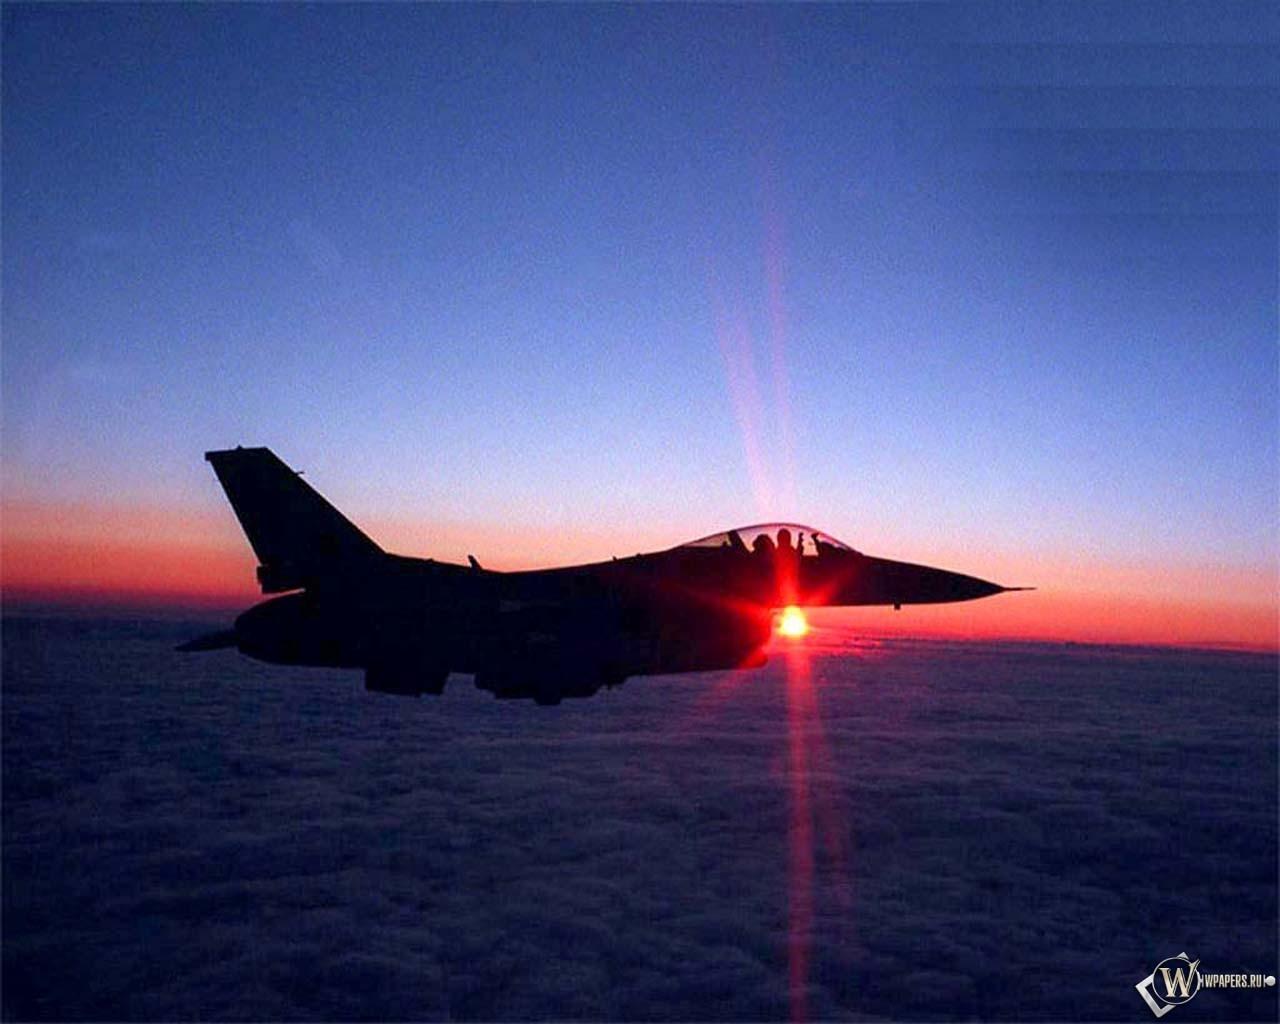 Истребитель над облаками F-16 1280x1024